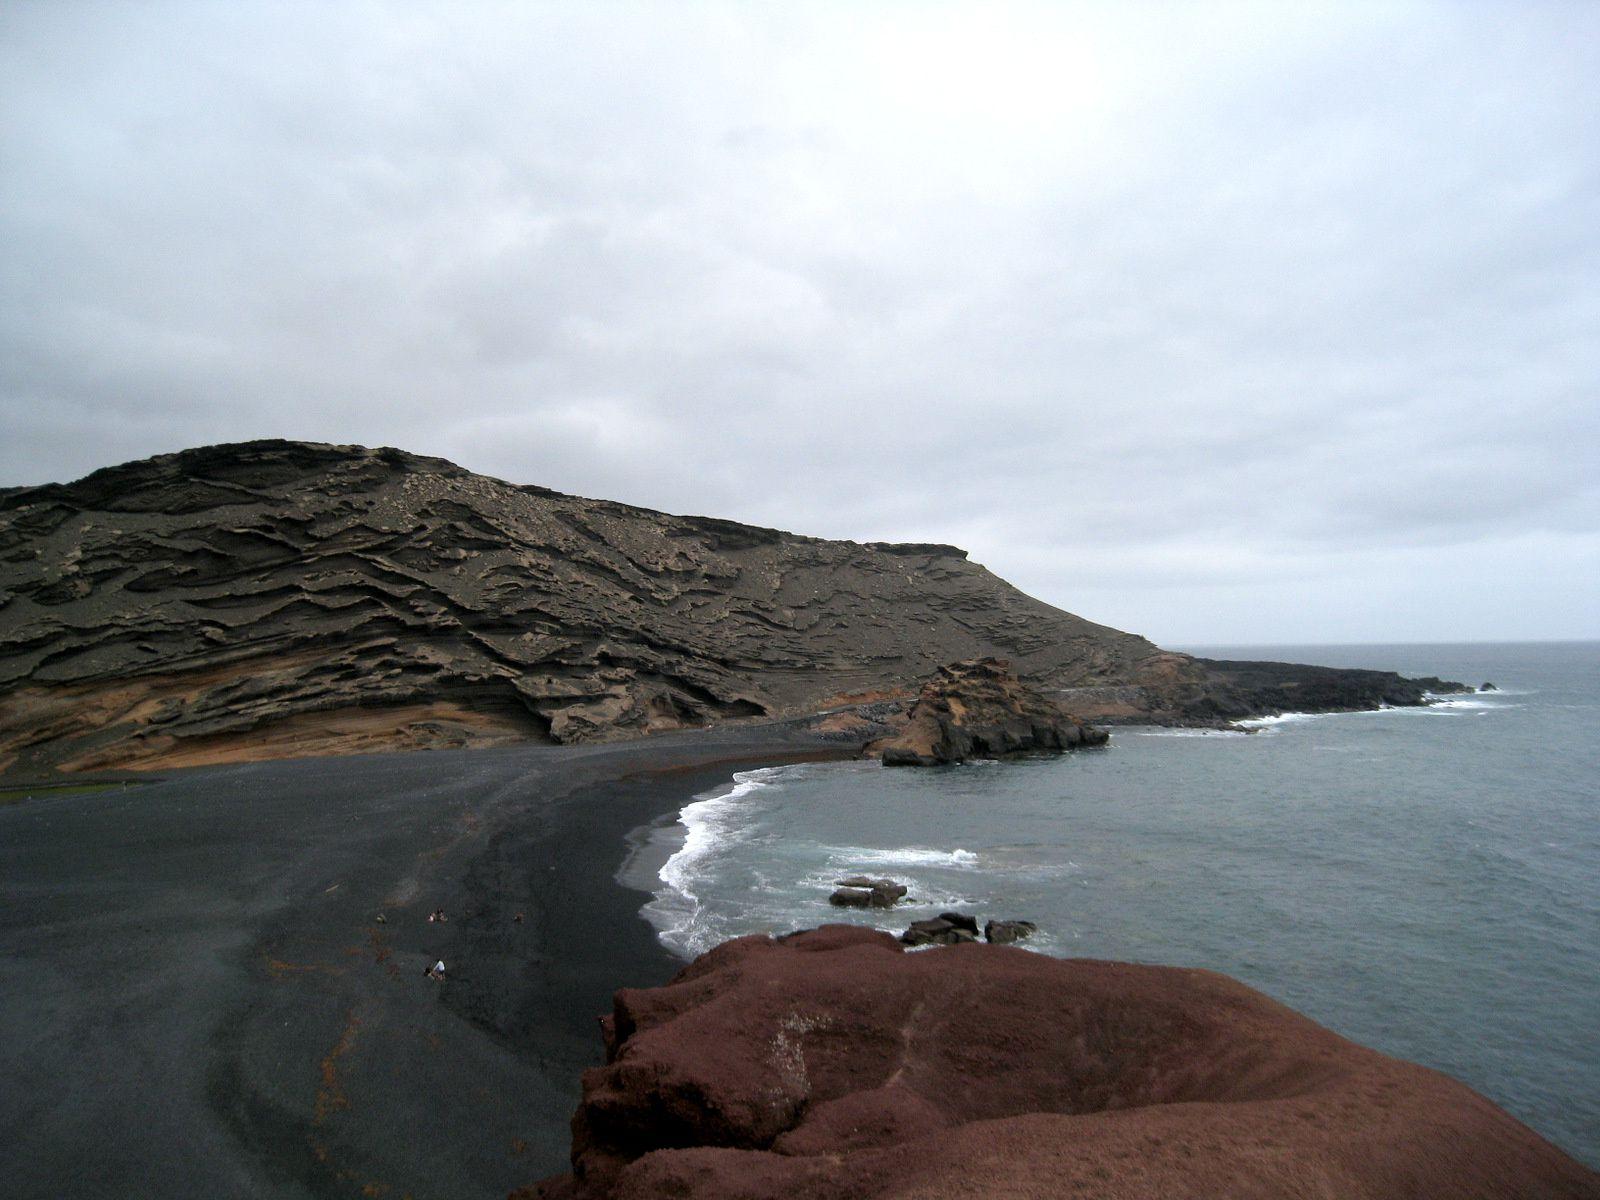 La lagune verte, île de Lanzarote (Canaries)